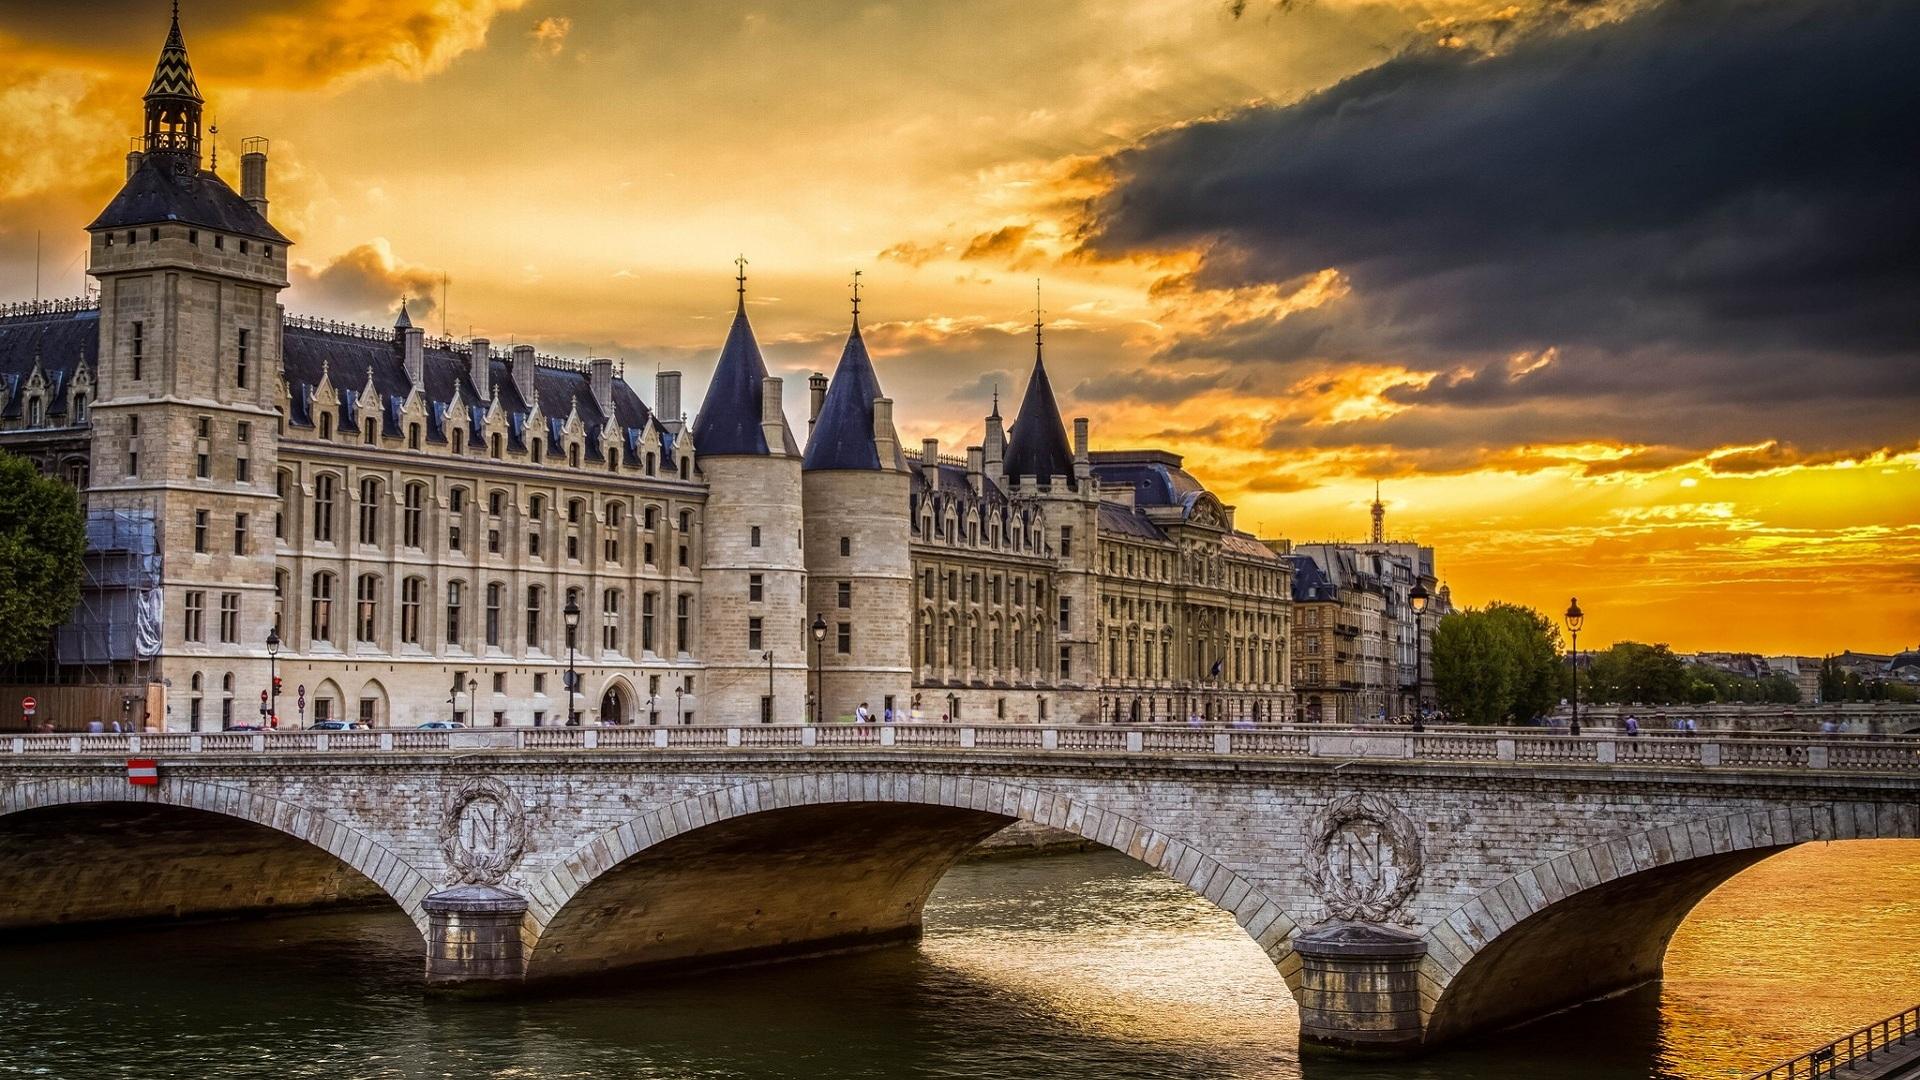 Консьержери - Маршрут по Парижу: остров Сите